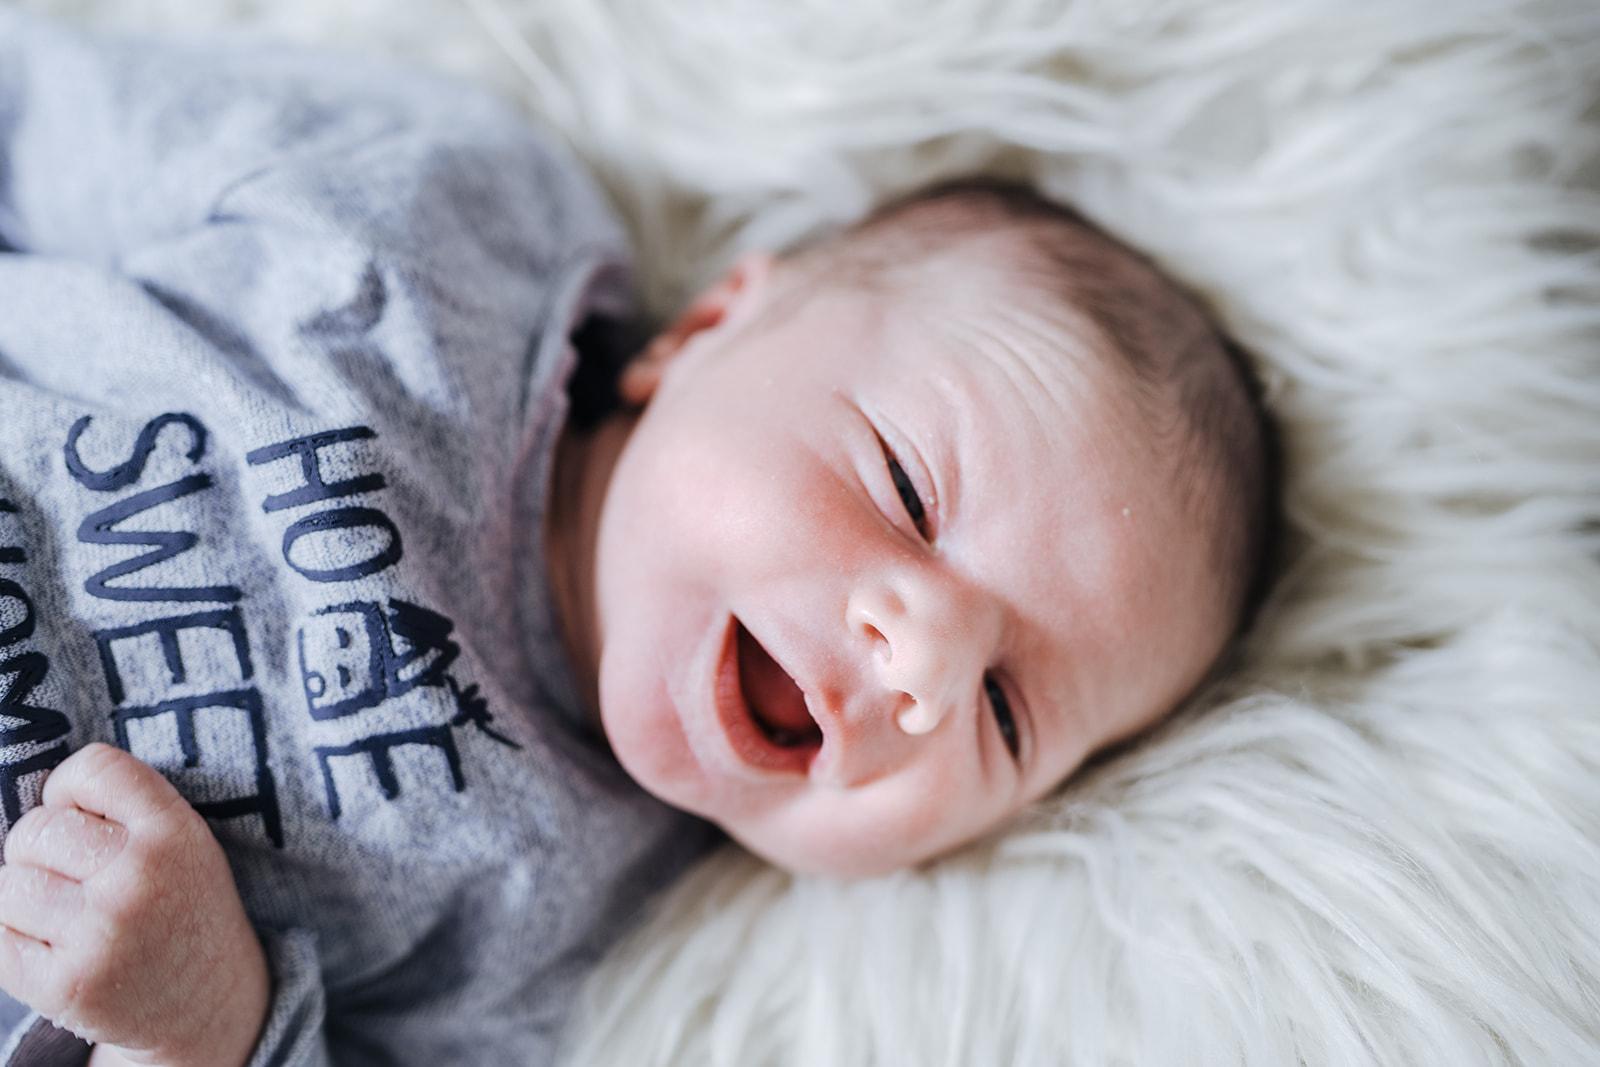 Baby, Babyboy, sohn, schwester, bruder, tochter, newborn, neugeboren, junge, mädchen, kind, liebe, mama, papa, vater, mutter, tübingen, reutlingen, stuttgart, blau, mütze, wolle, strick, babyshooting, babyfotografie, fotografie, newbornshooting, shooting, zuhause, daheim, shootingtag